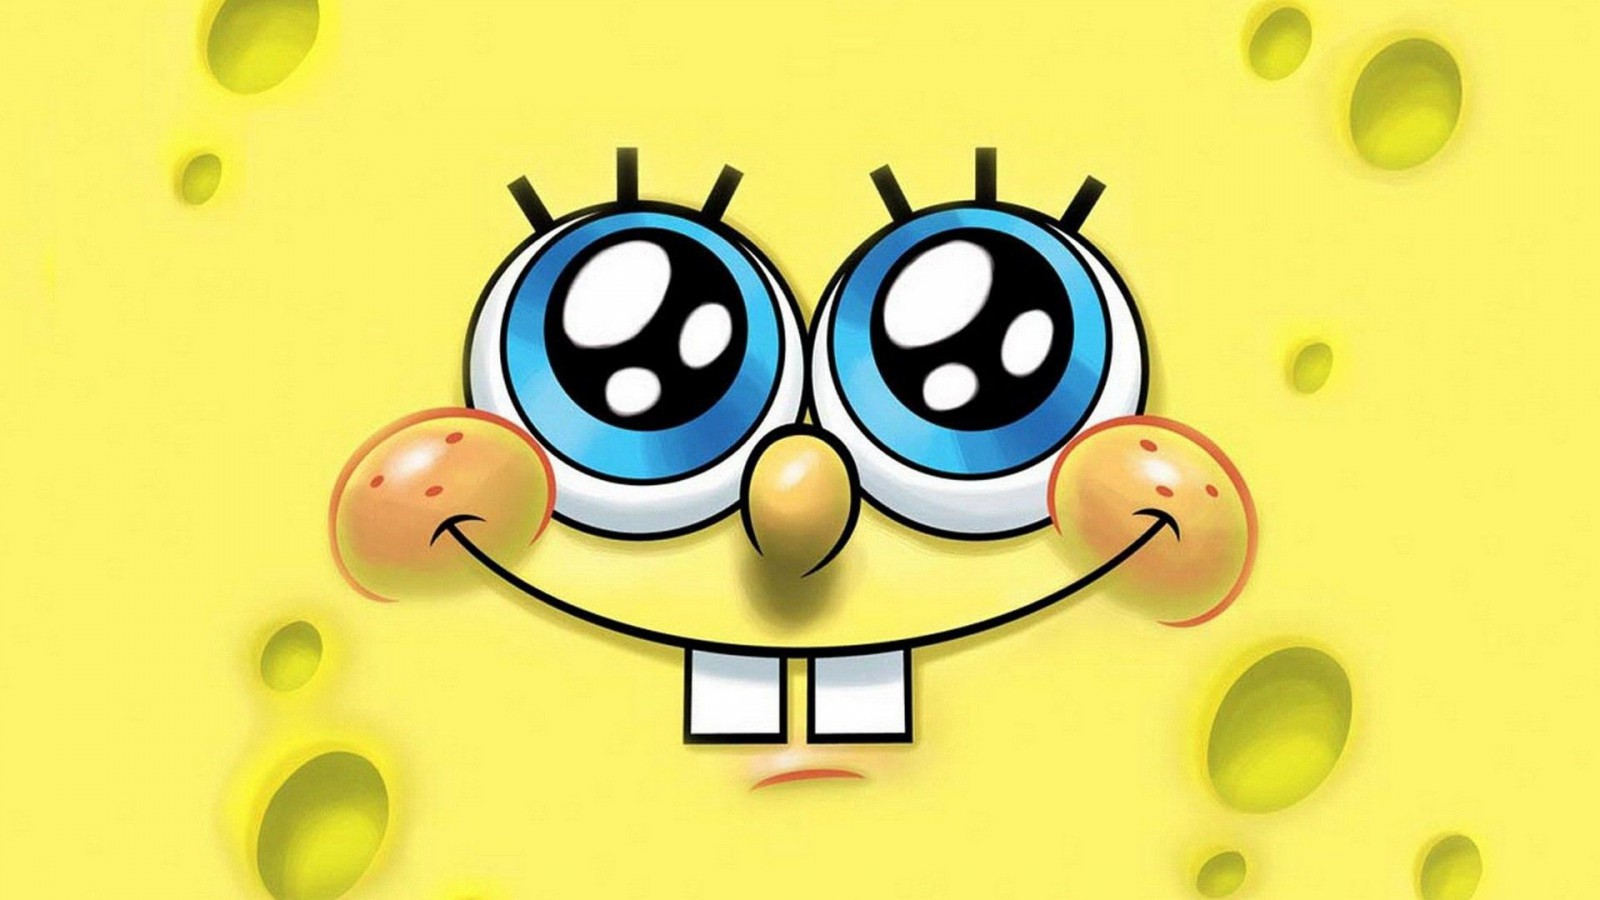 gambar spongebob lengkap kumpulan gambar lengkap